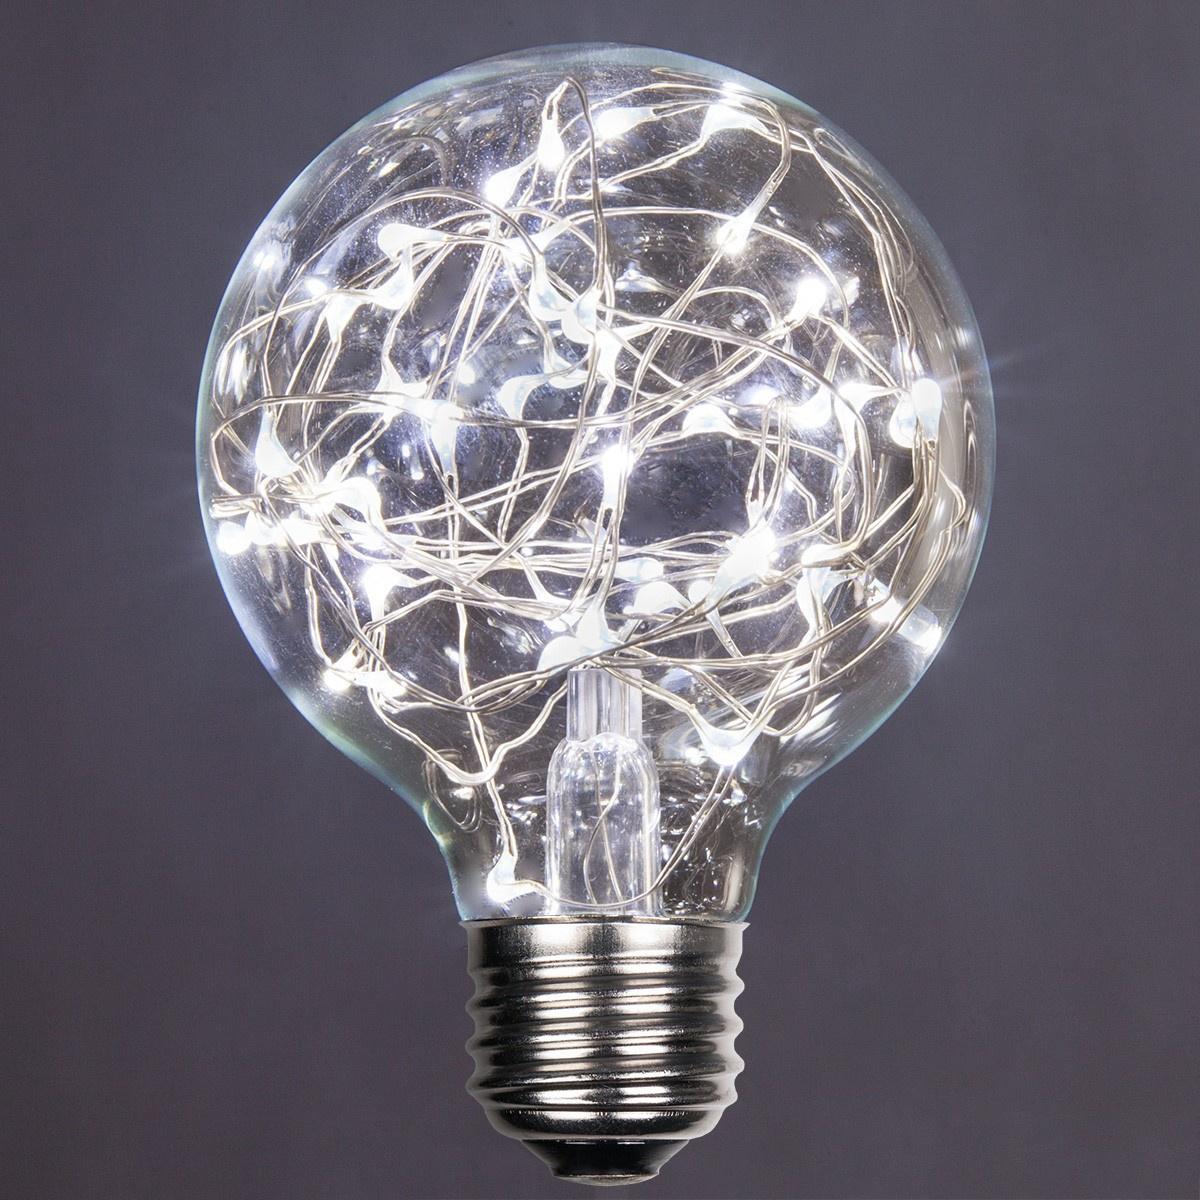 G80 Cool White Ledimagine Tm Fairy Light Bulb